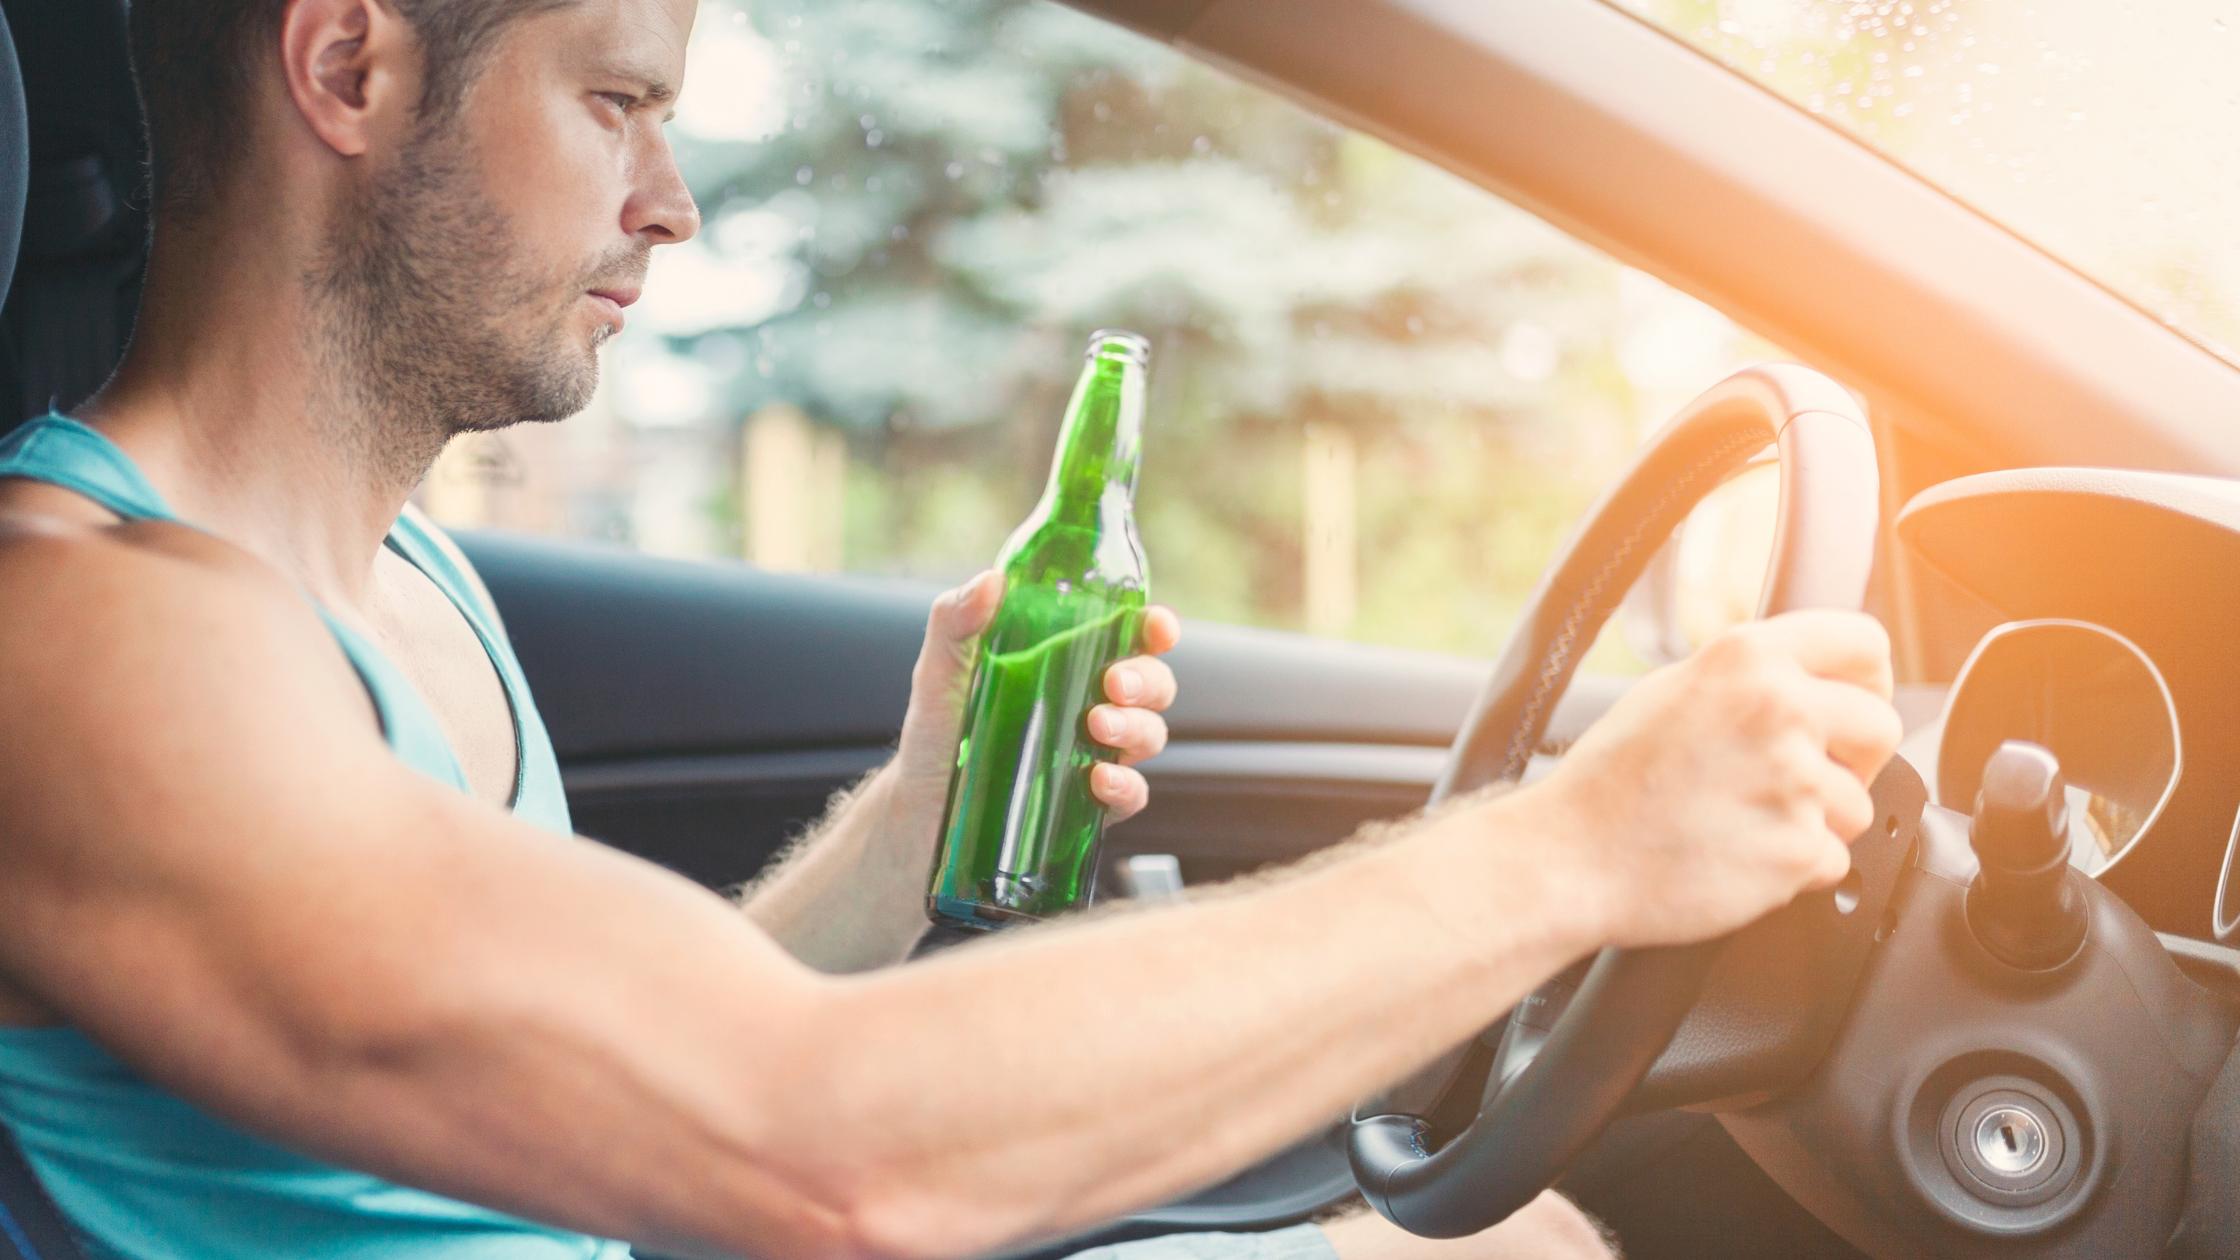 řízení pod vlivem alkoholu